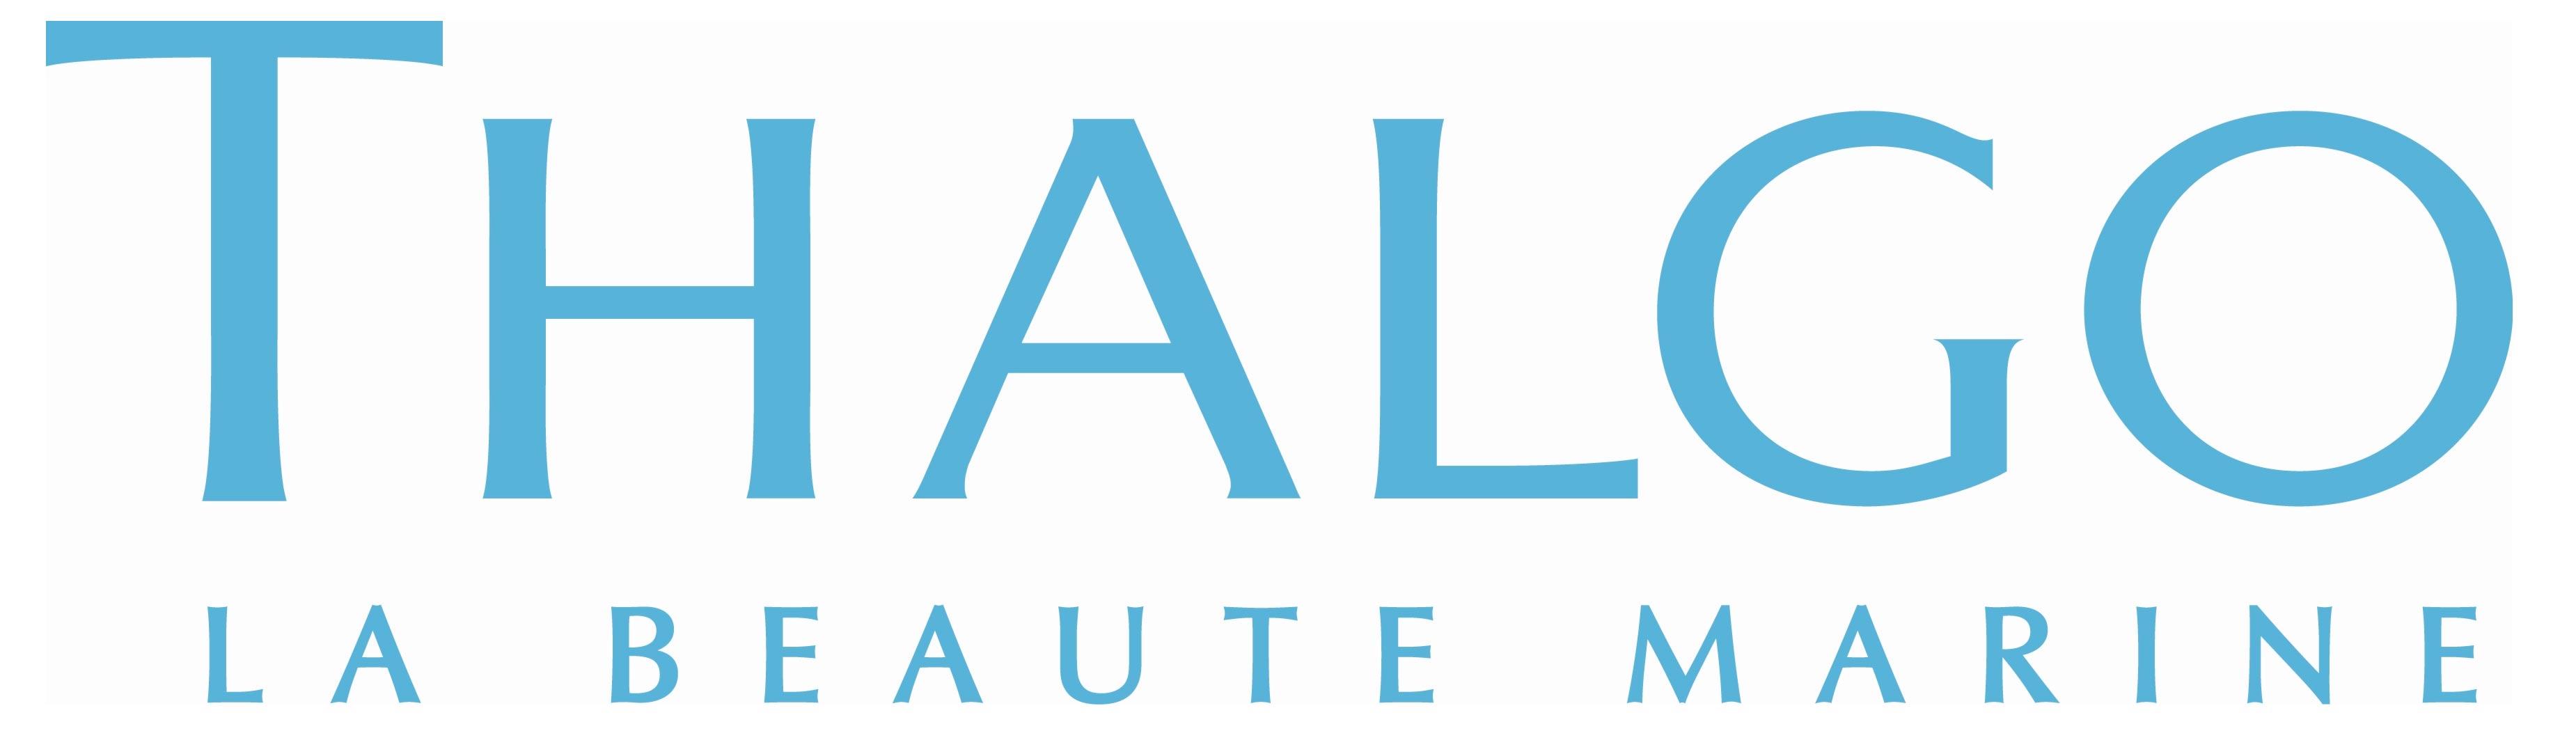 Thalgo_logo_logo